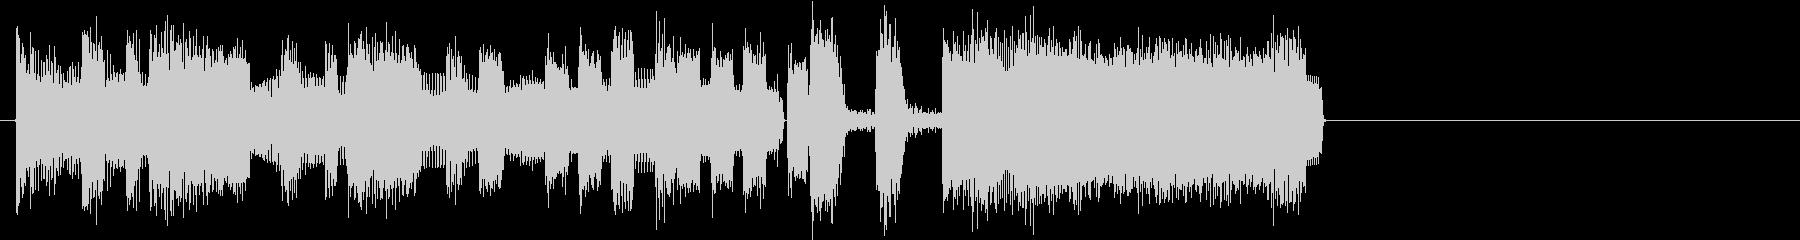 ファンファーレ(シンセのラッパ)の未再生の波形